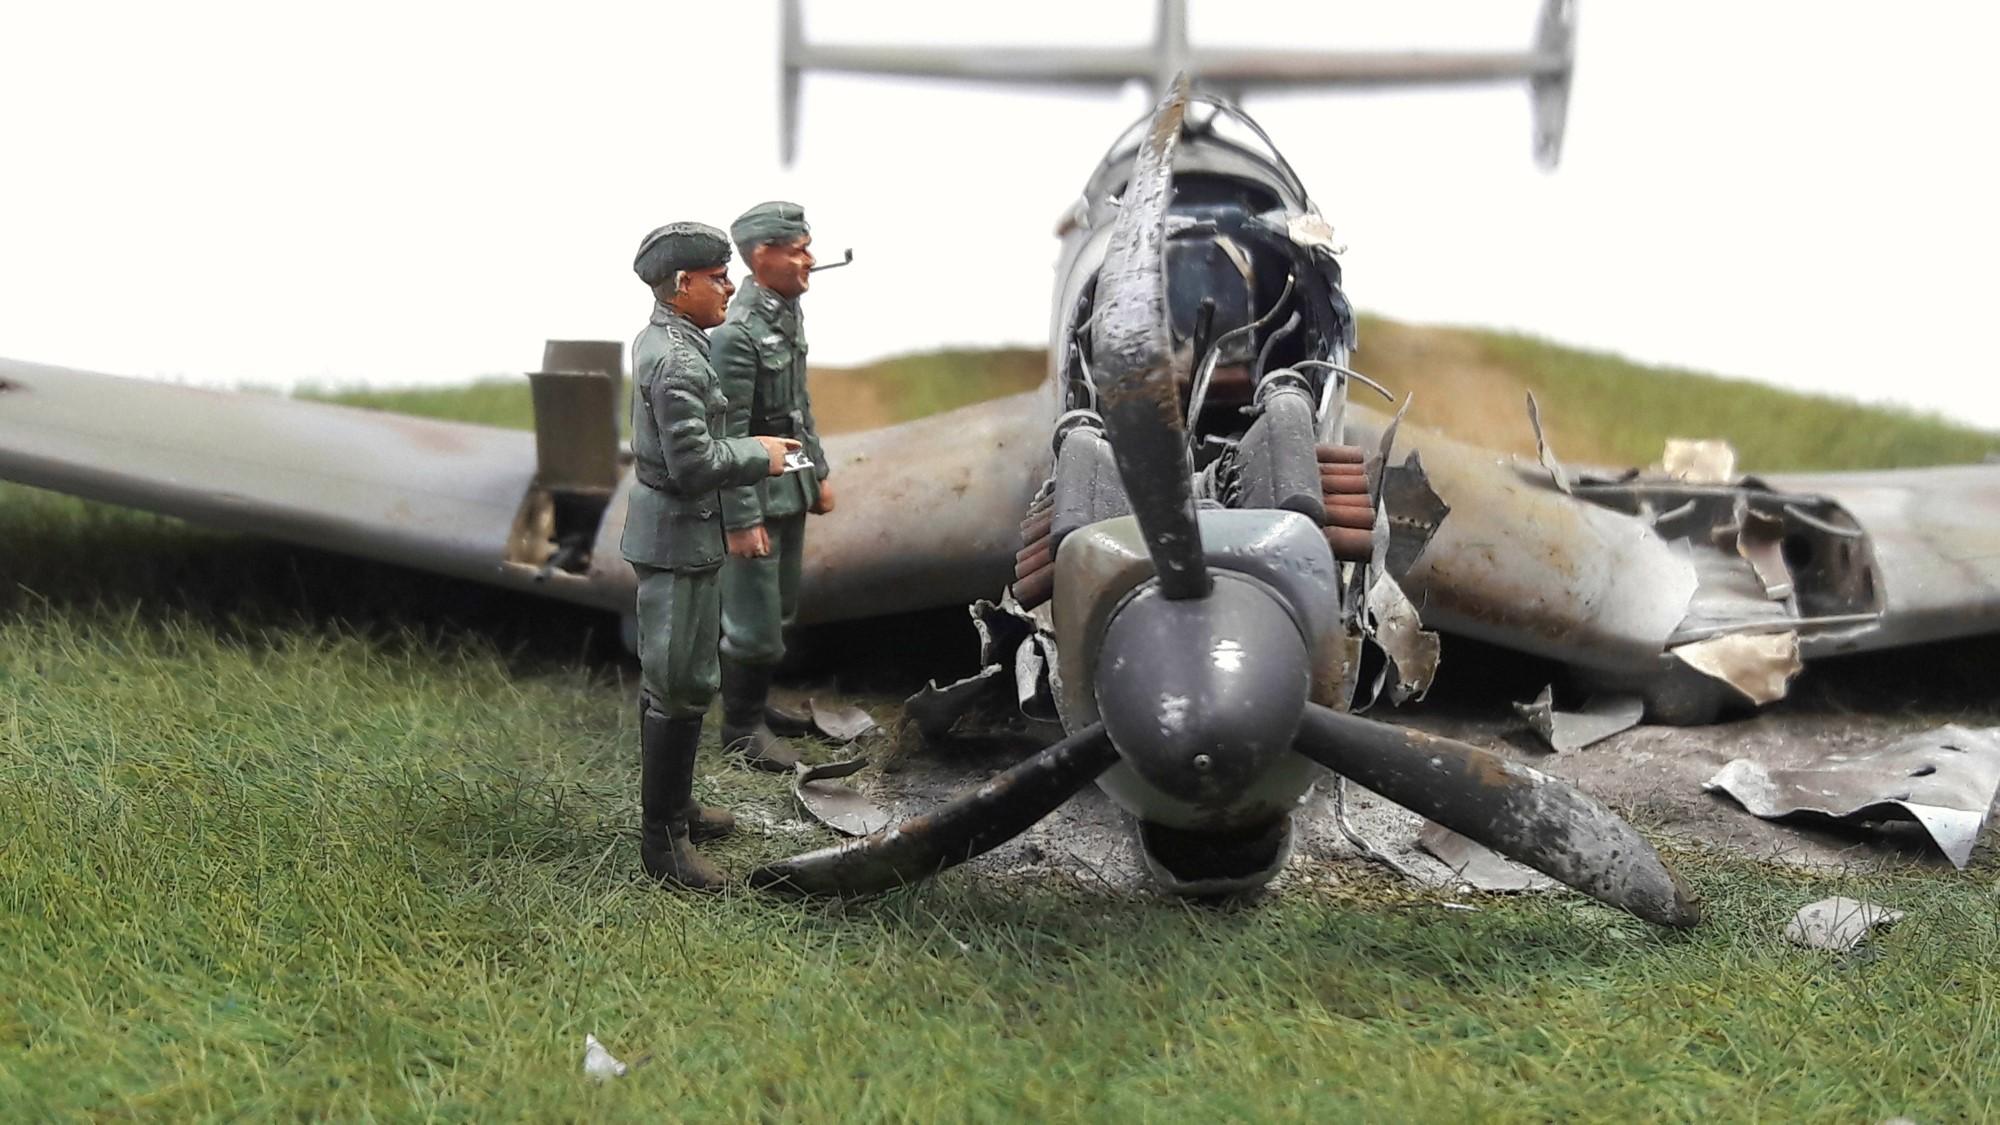 [Concours Aéronavale] Loire Nieuport 401/411 -  Special hobby 1/48 - crash à Villereau -le sacrifice des marins aviateurs du 19 mai 1940 - Mission Berlaimont  Image492